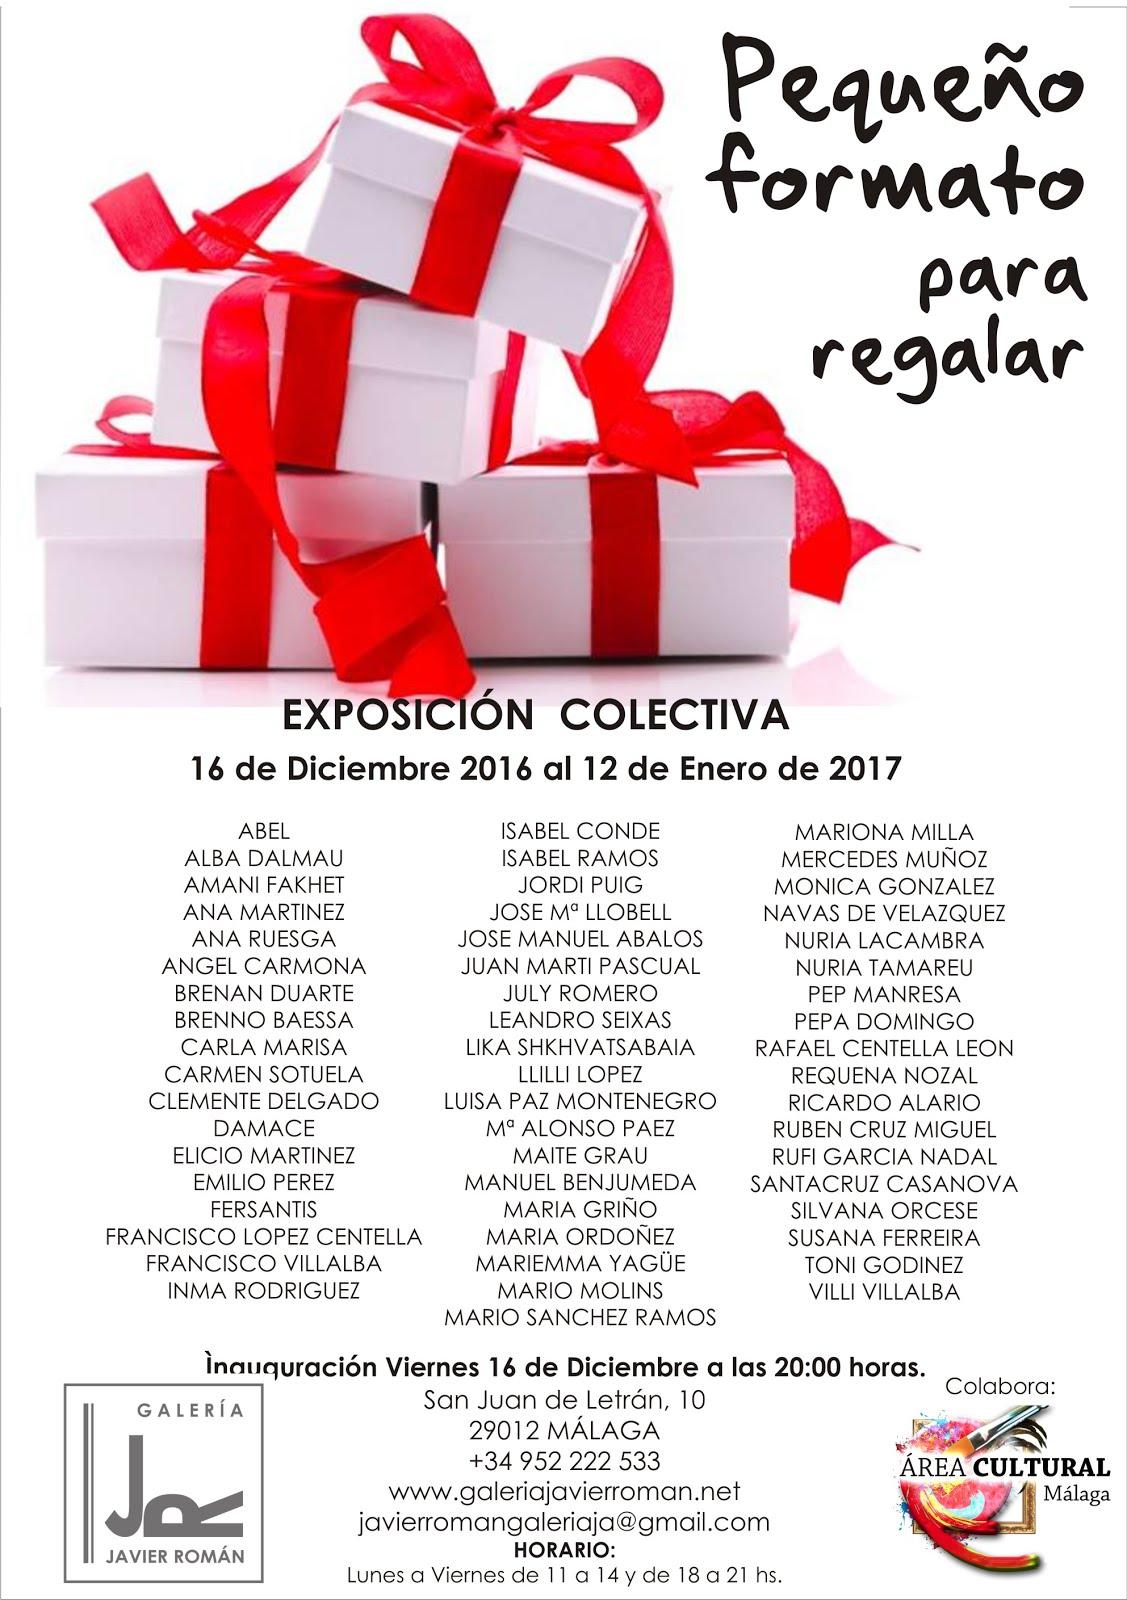 Galería Javier Román. Málaga